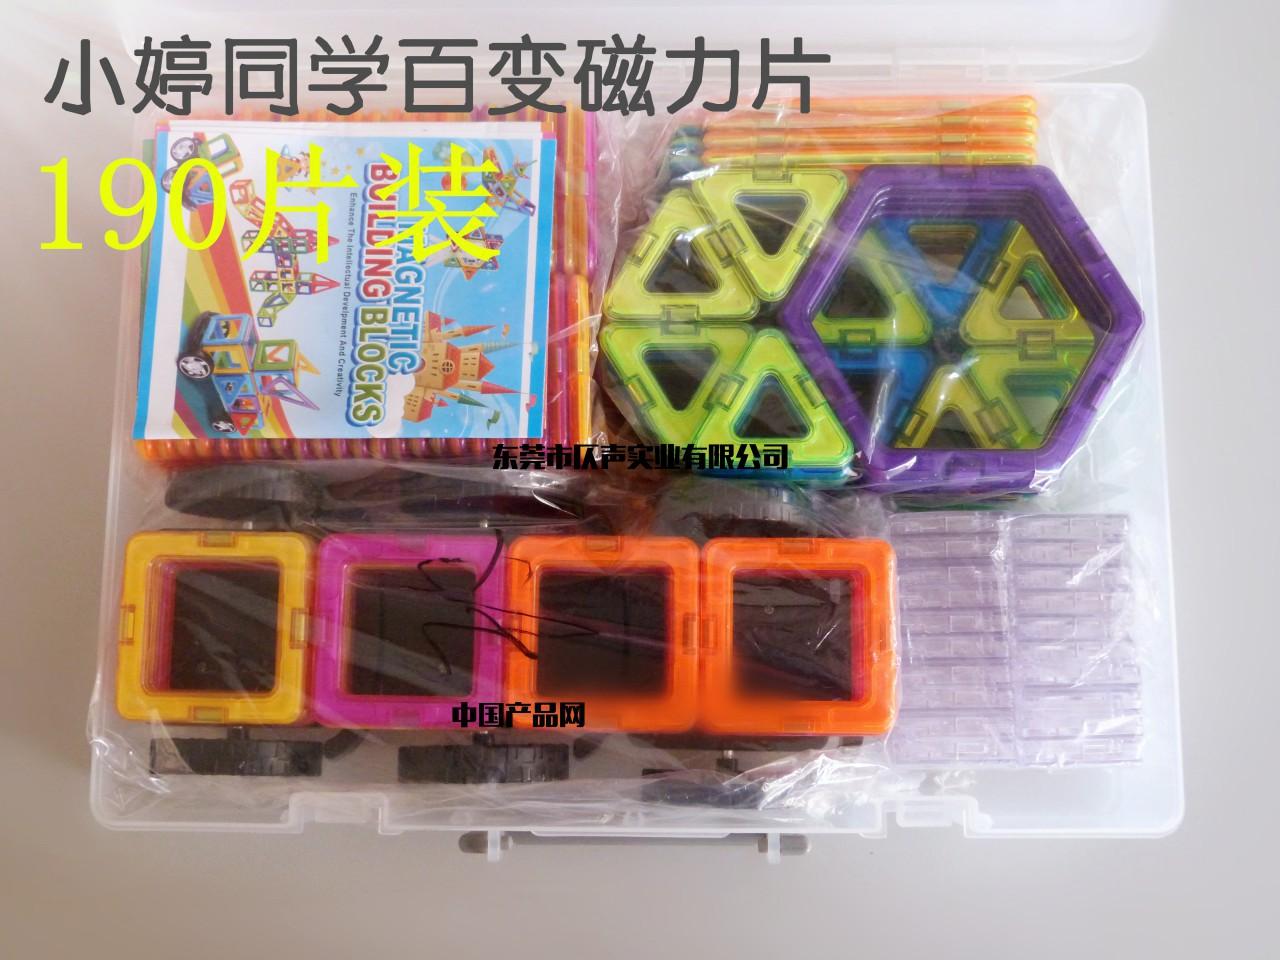 小婷同学益智早教磁力片百变积木套装3-14岁宝宝礼物